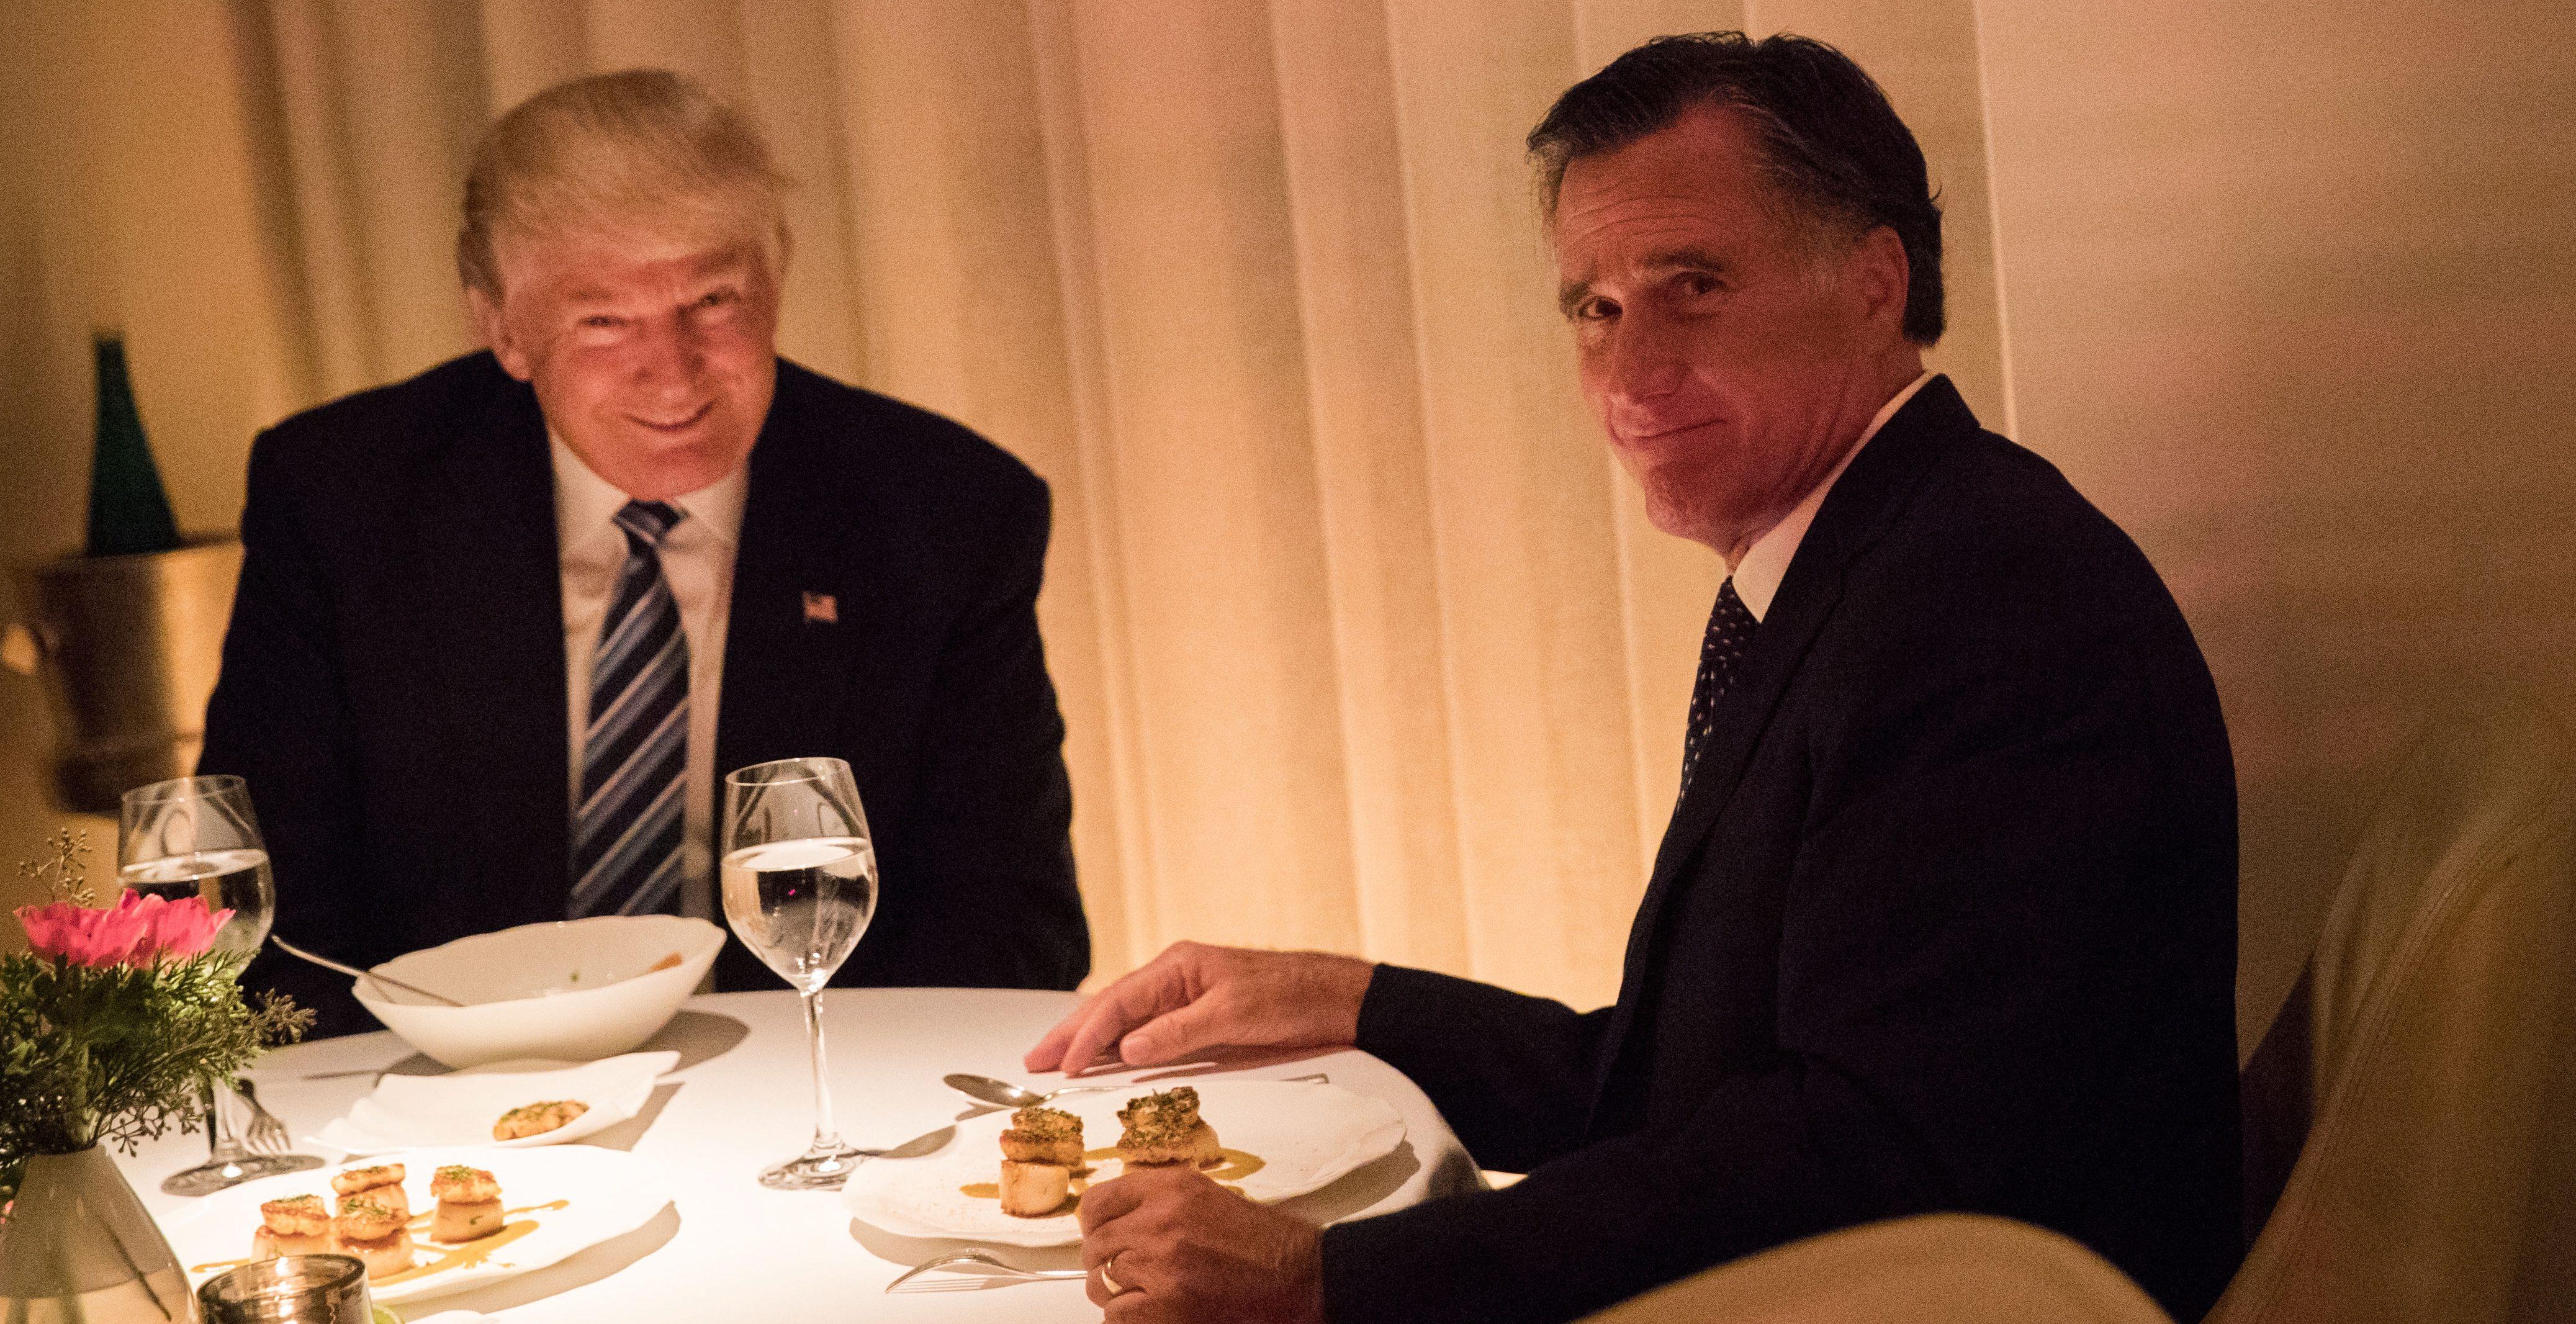 Romney Trump Dinner